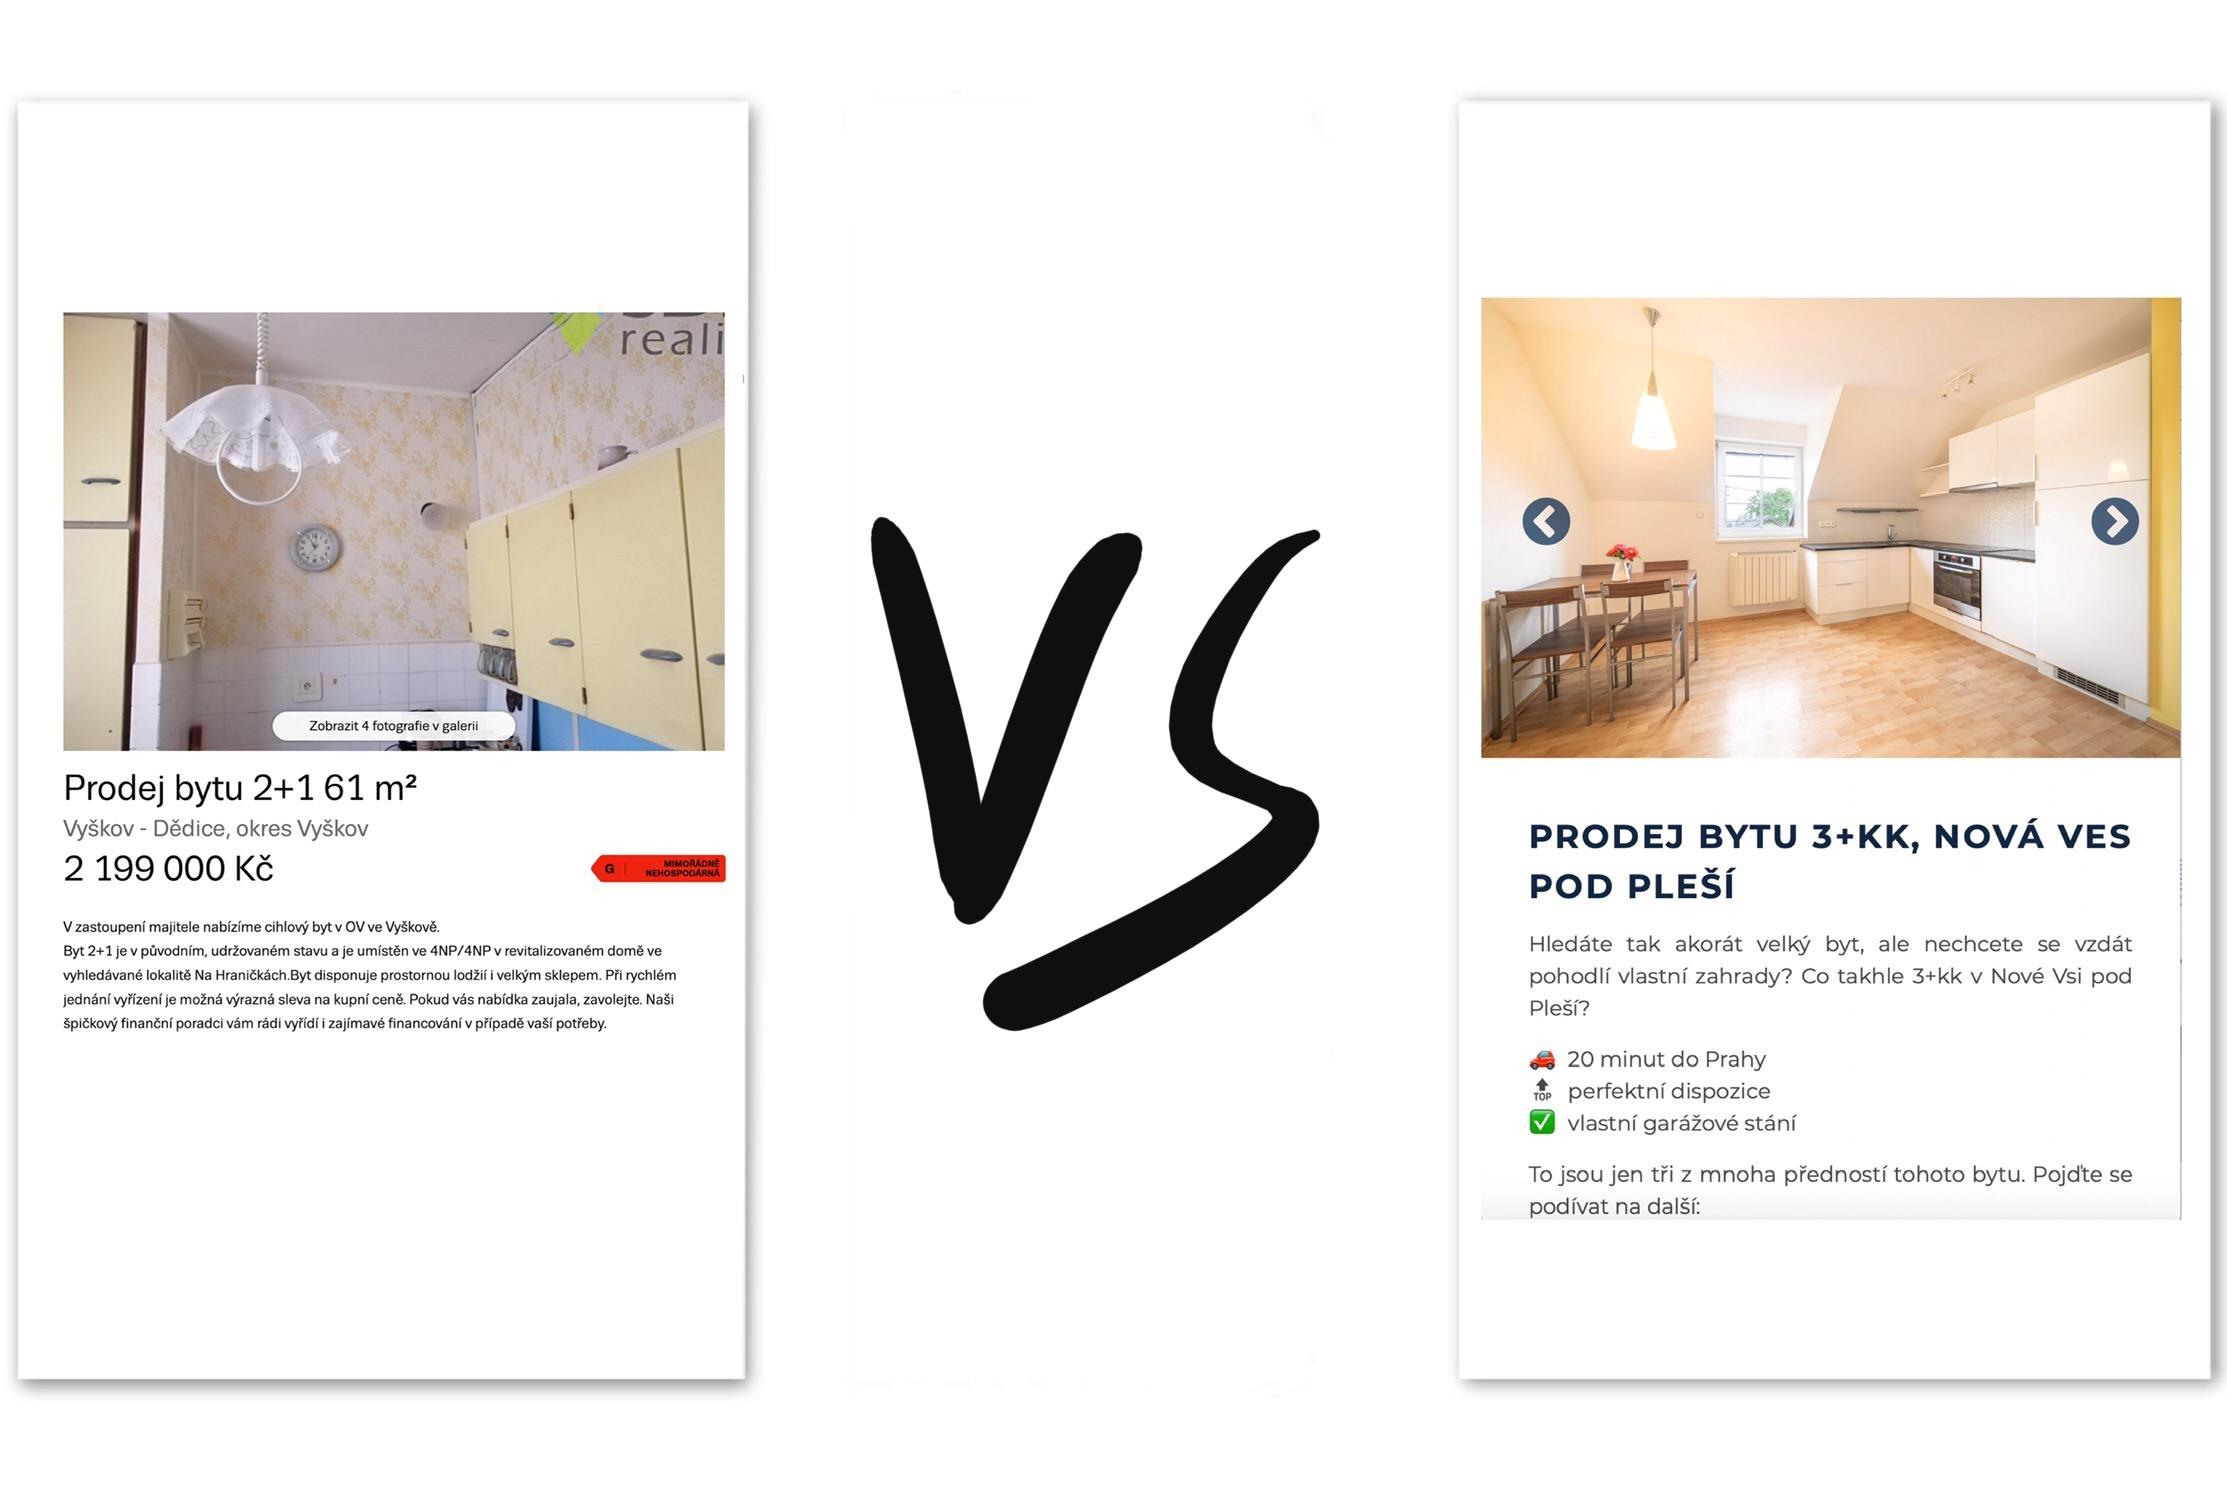 Porovnání inzerátů realitní kanceláře vs. Realitní agentury R21